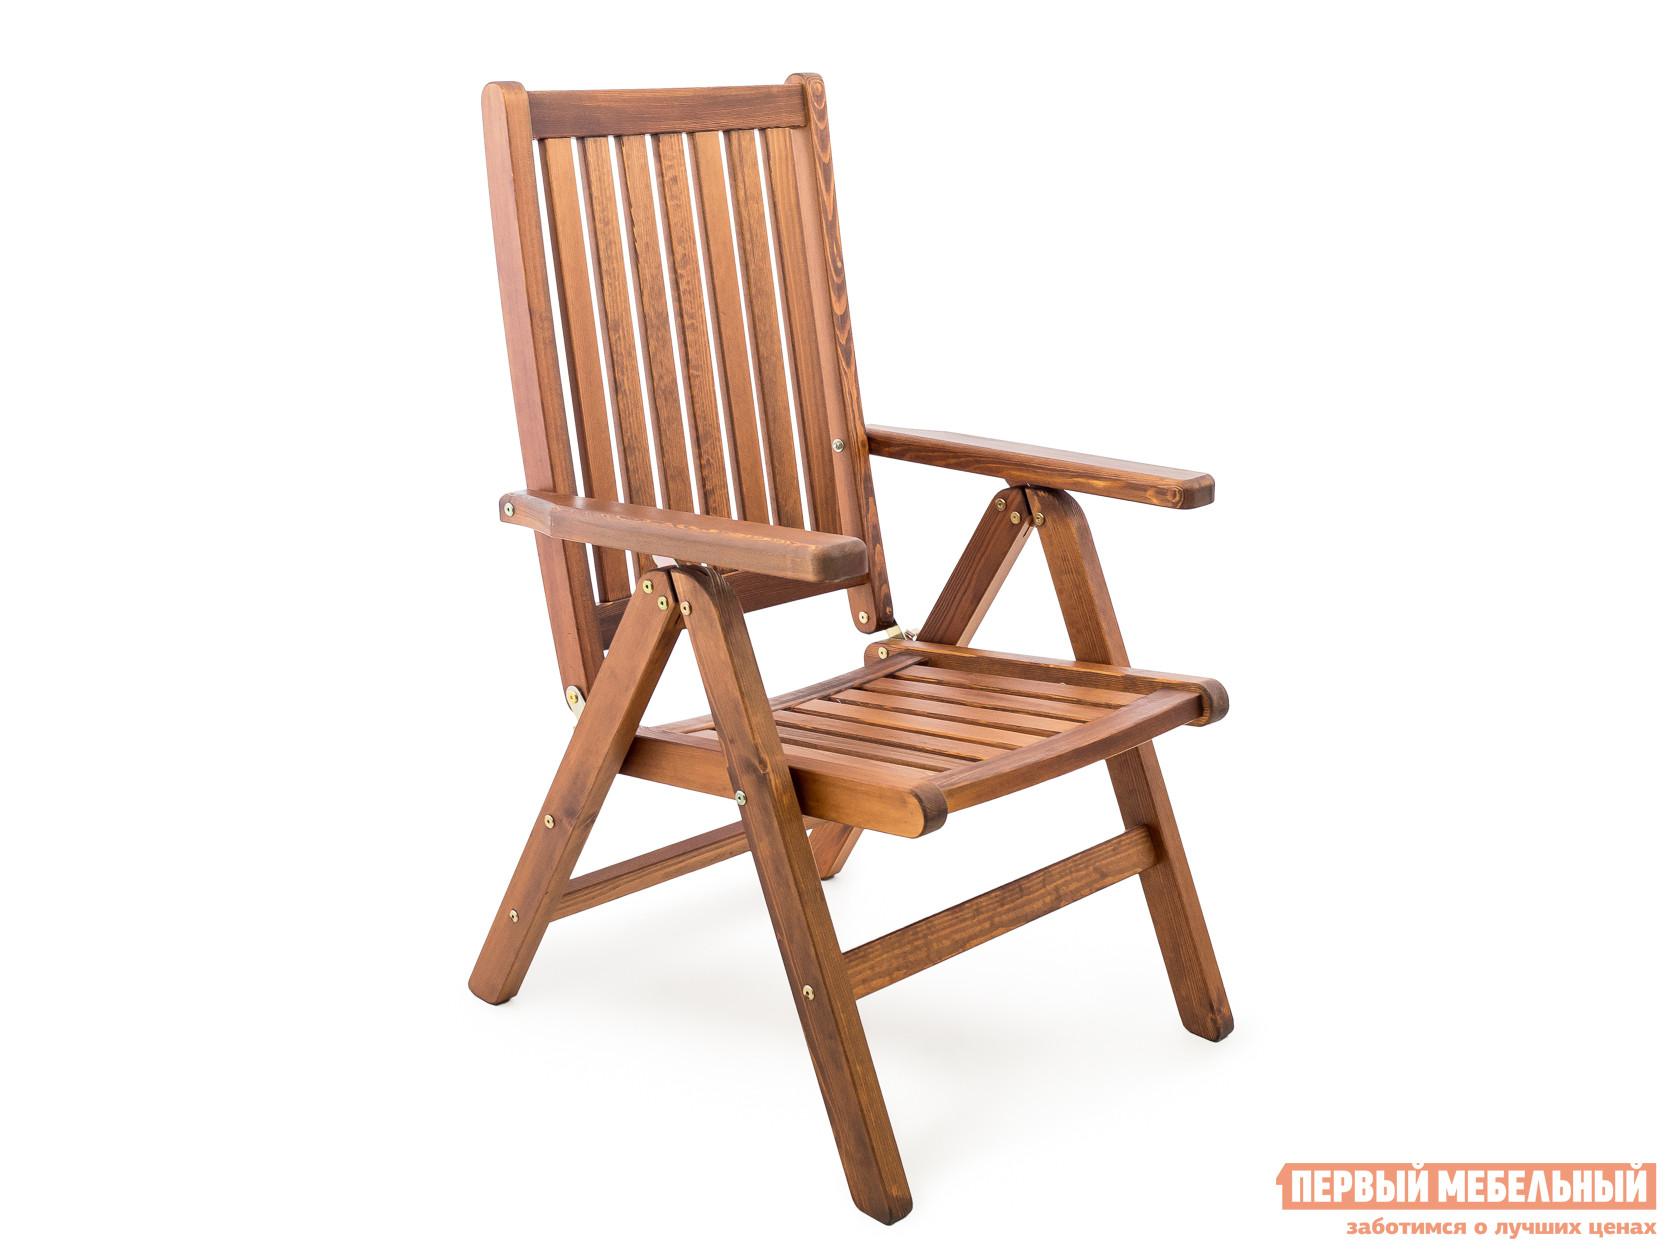 Раскладное кресло для дачи Шведская линия 161033 Fronto